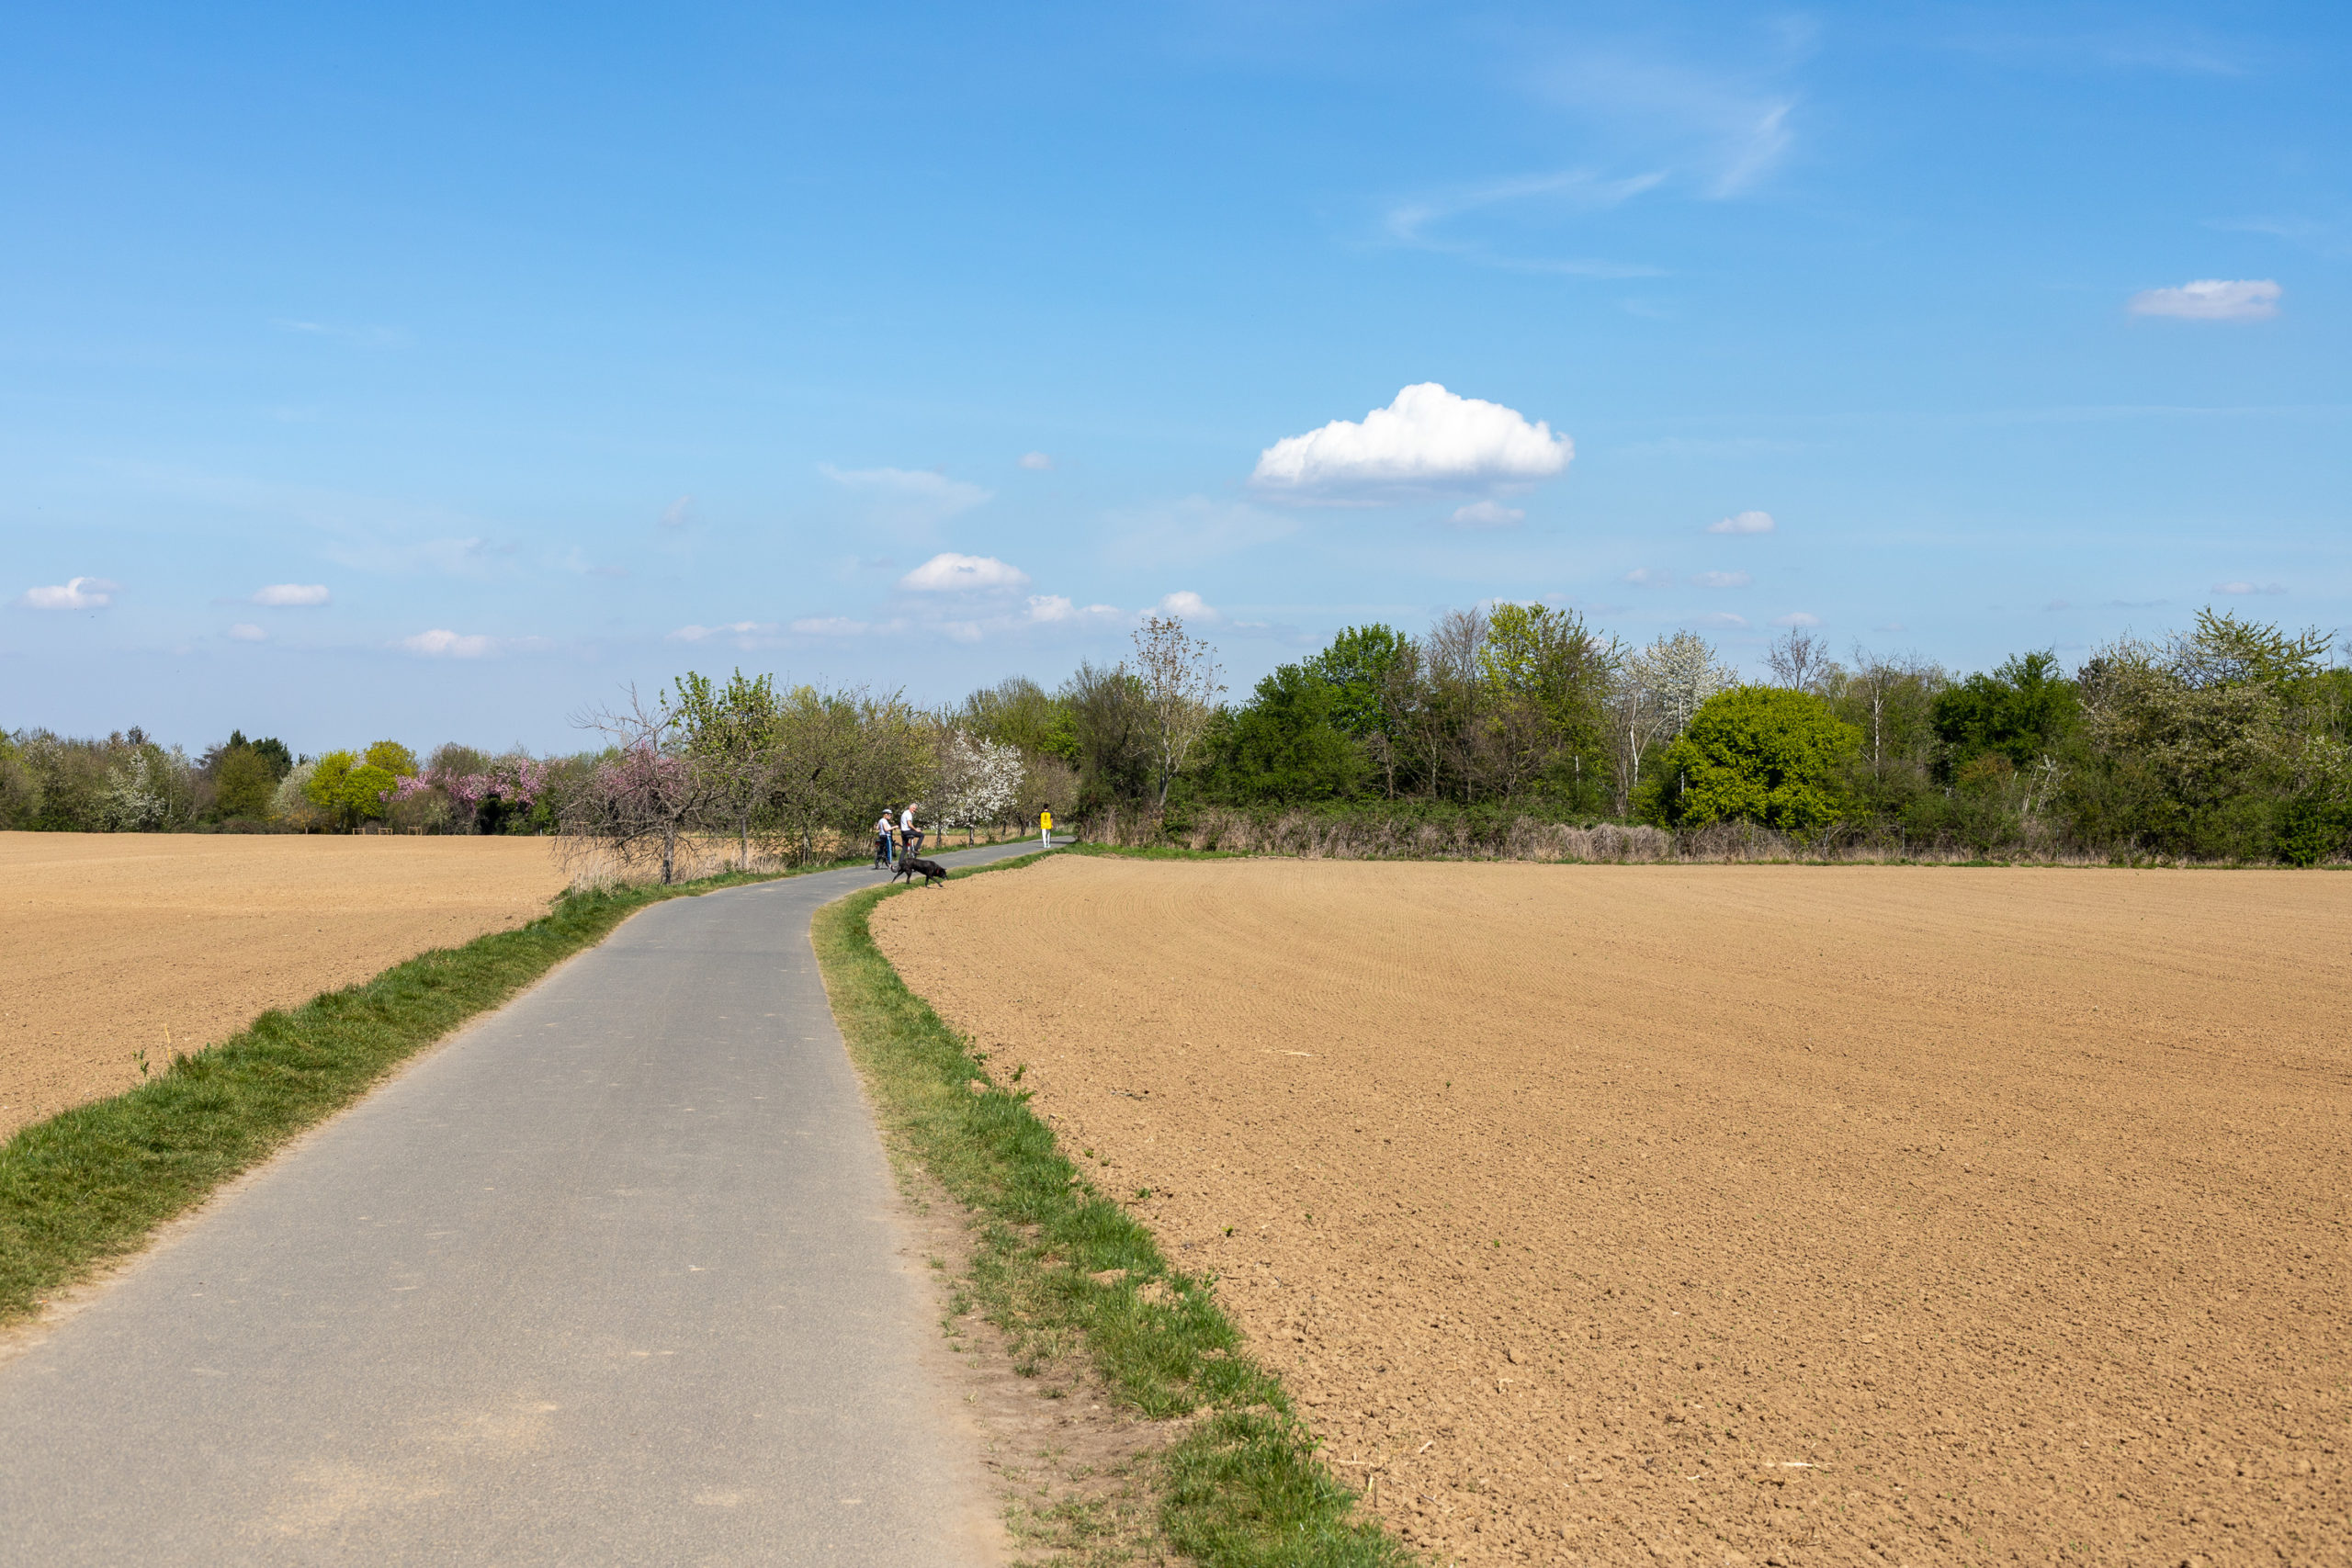 Ein geteerter Weg, links und rechts daneben umgepflügte und trockene Felder. Hinten erahnbar sind zwei Personen und ein Hund.